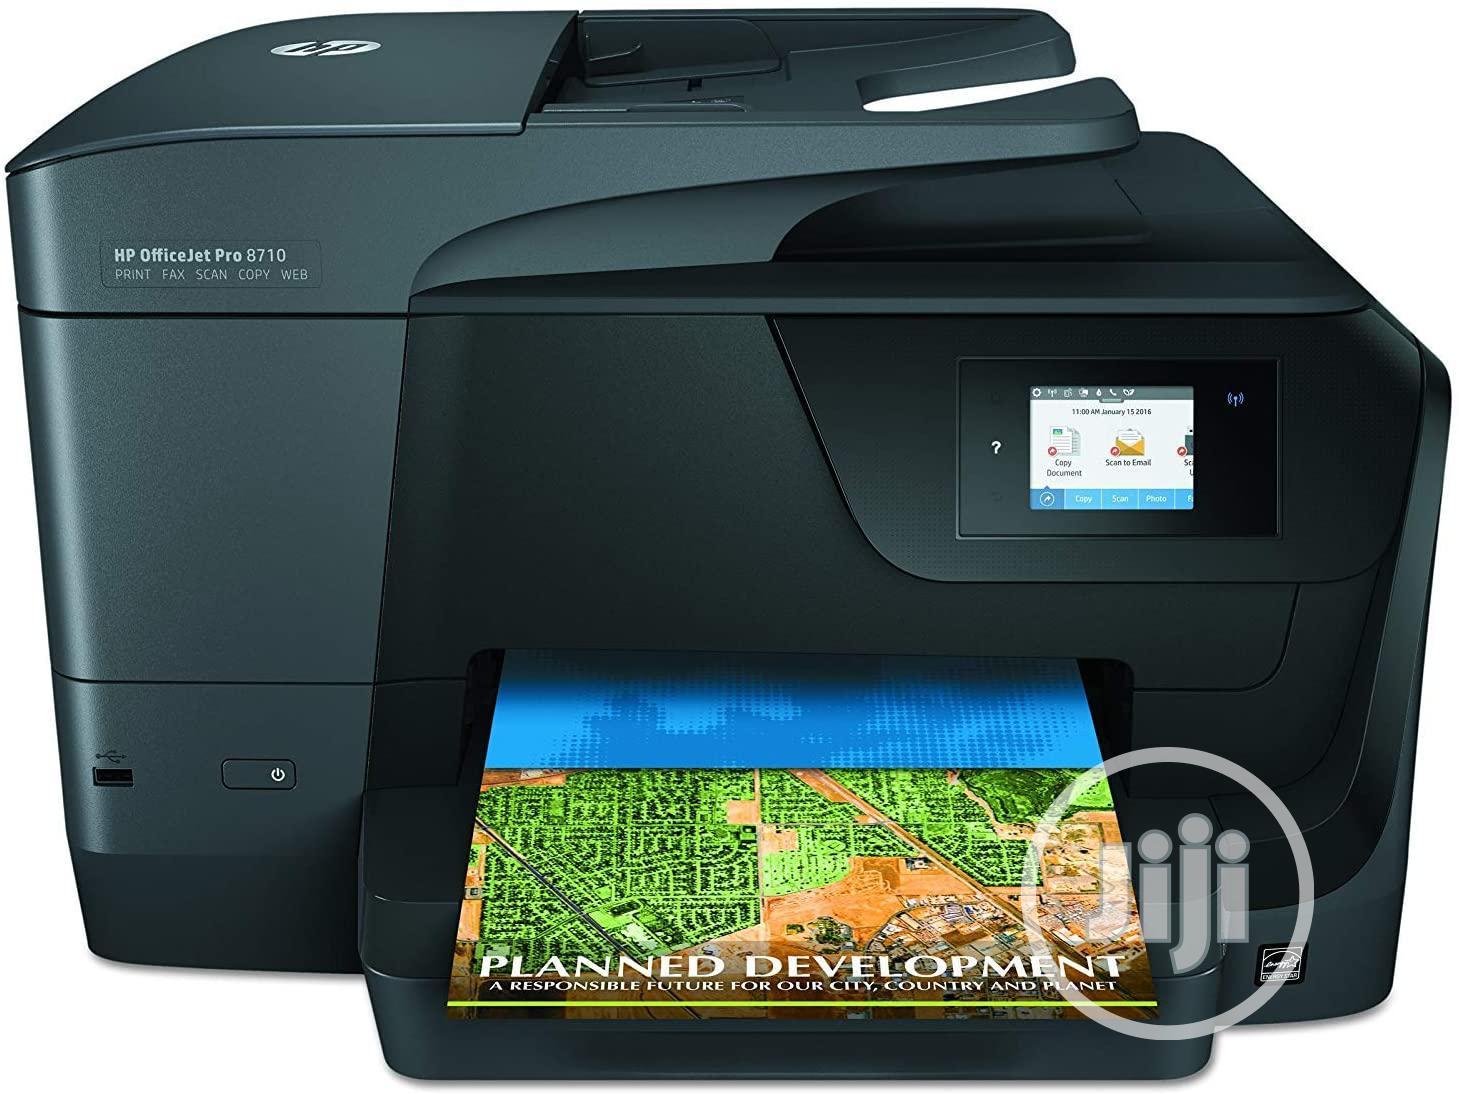 HP Officejet Pro 8710 Wireless Print Scan